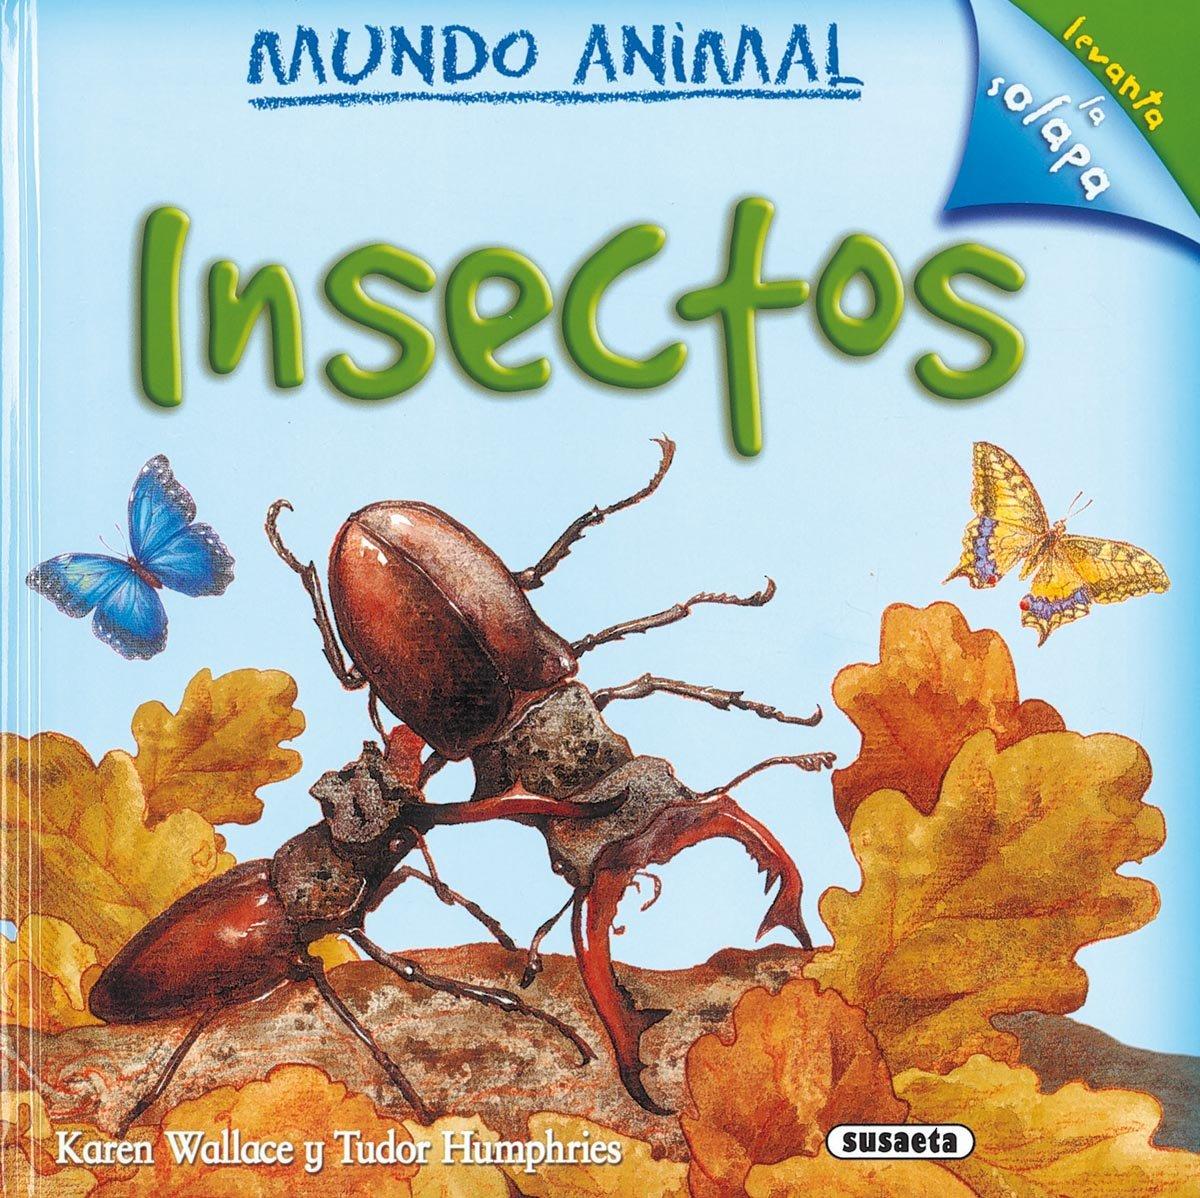 Insectos (Mundo Animal): Amazon.es: Susaeta, Equipo: Libros